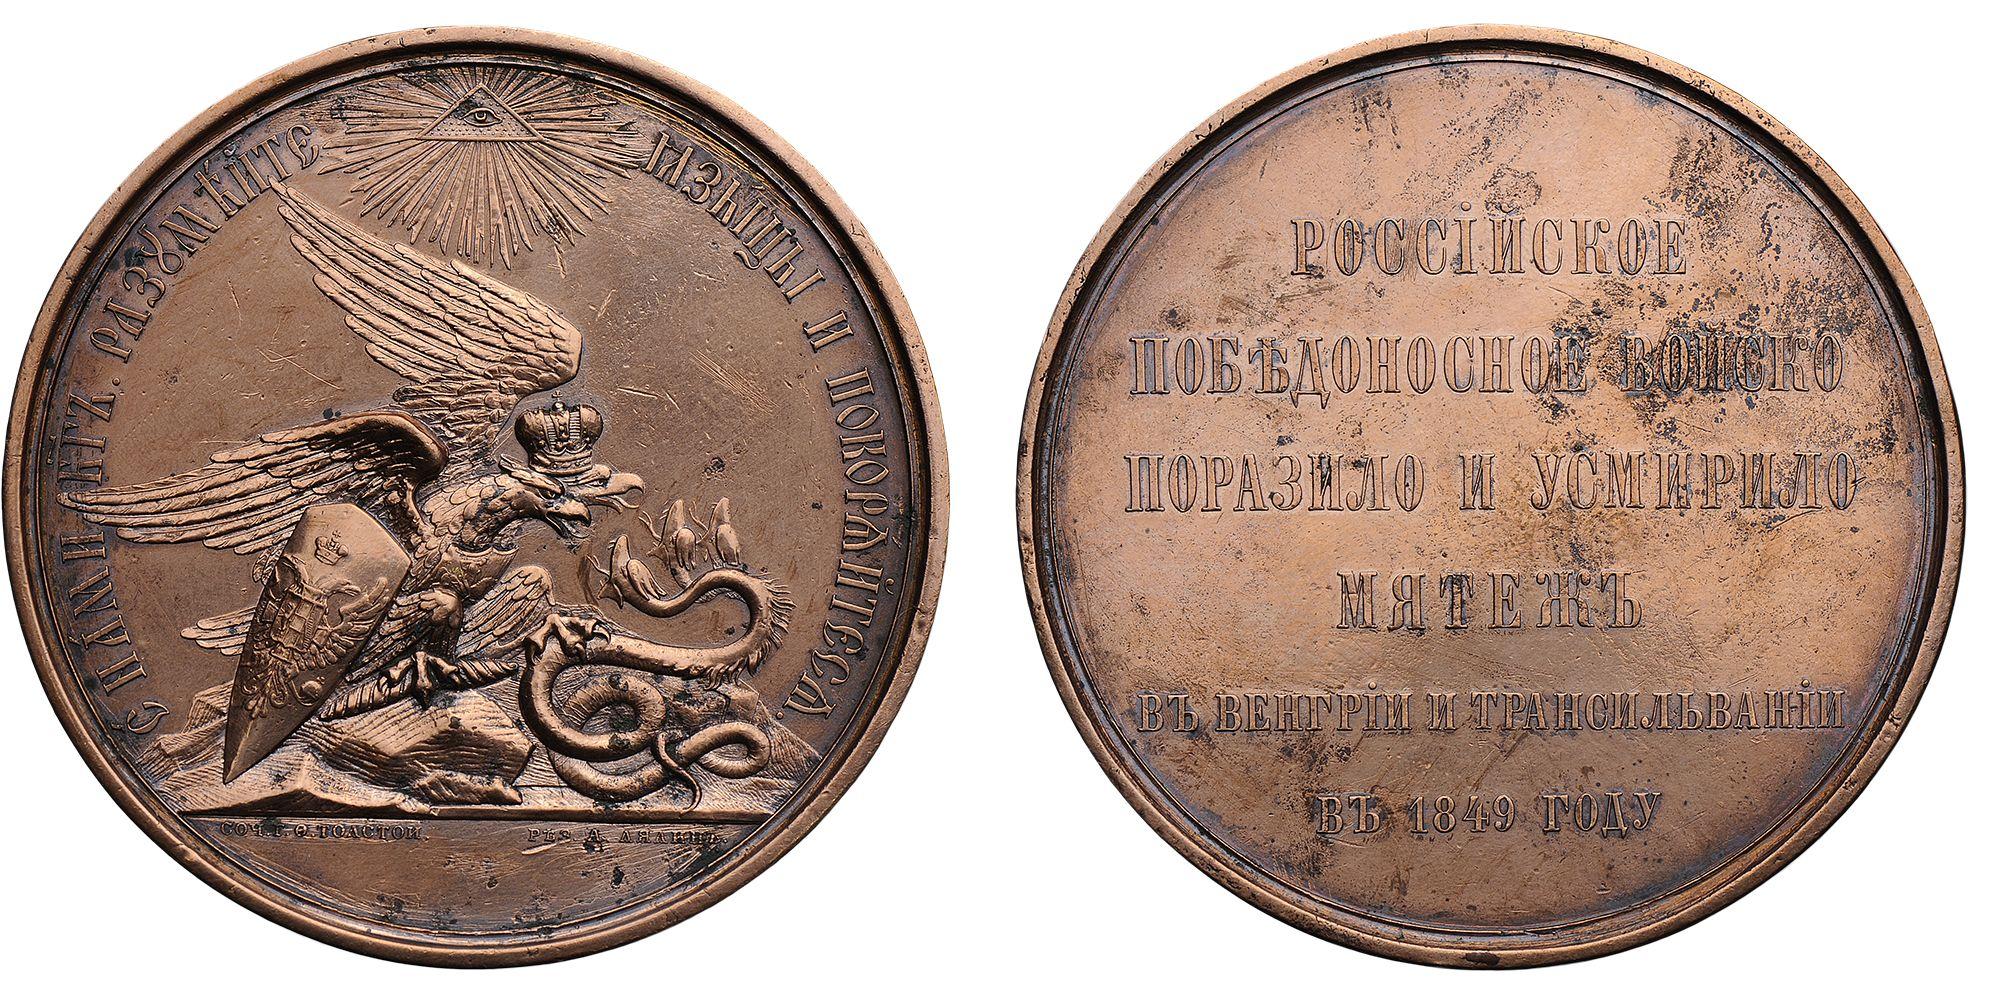 Памятная медаль «За усмирение Венгрии и Трансильвании в 1849 г.»